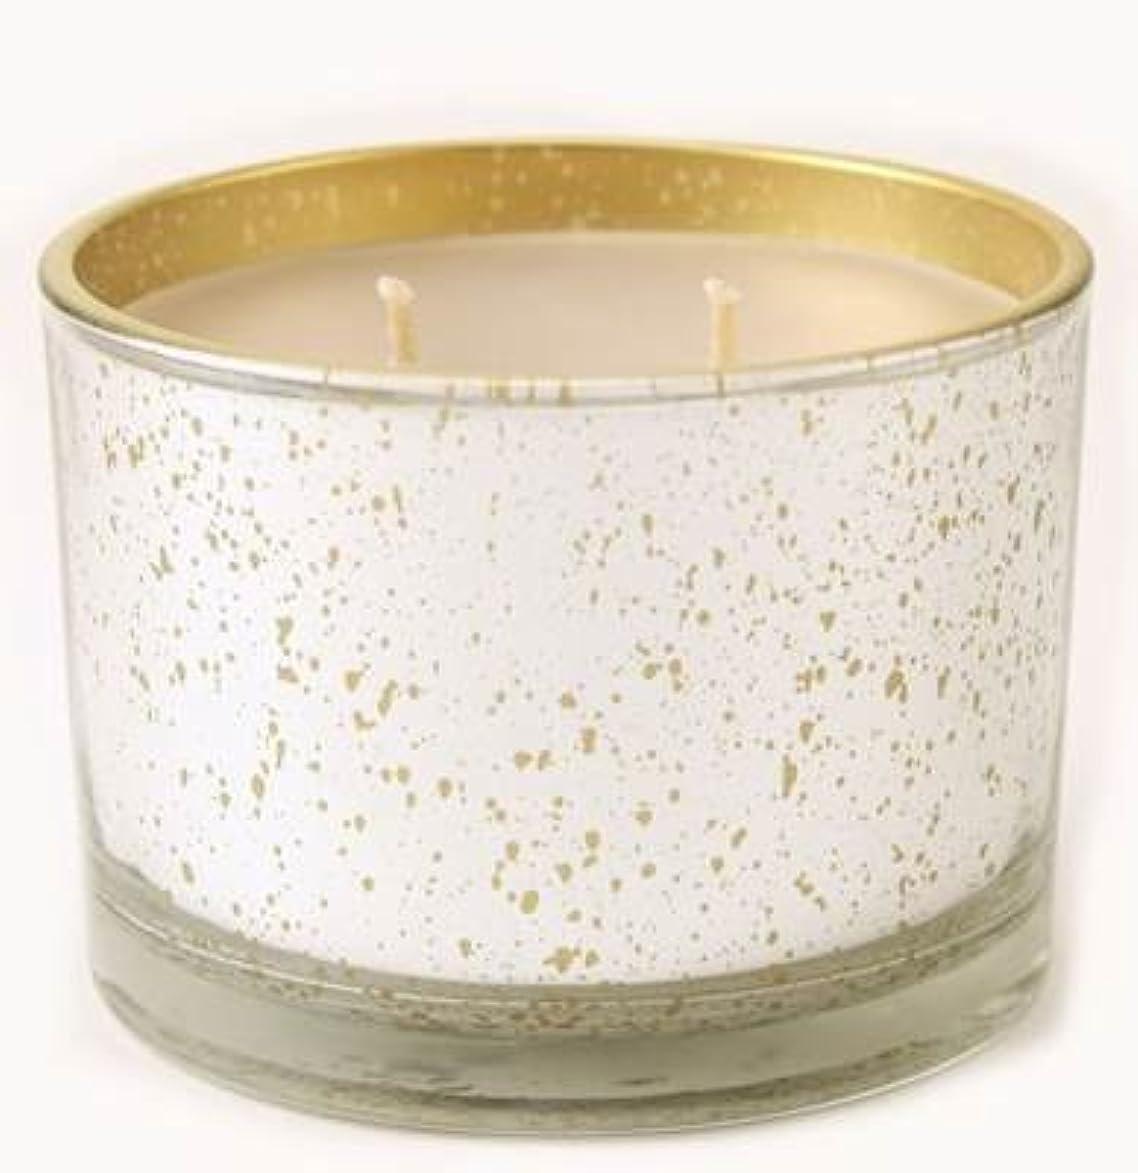 上院議員いつでも包括的Kathina Tyler Statureプラチナにゴールド16oz香りつきJar Candle